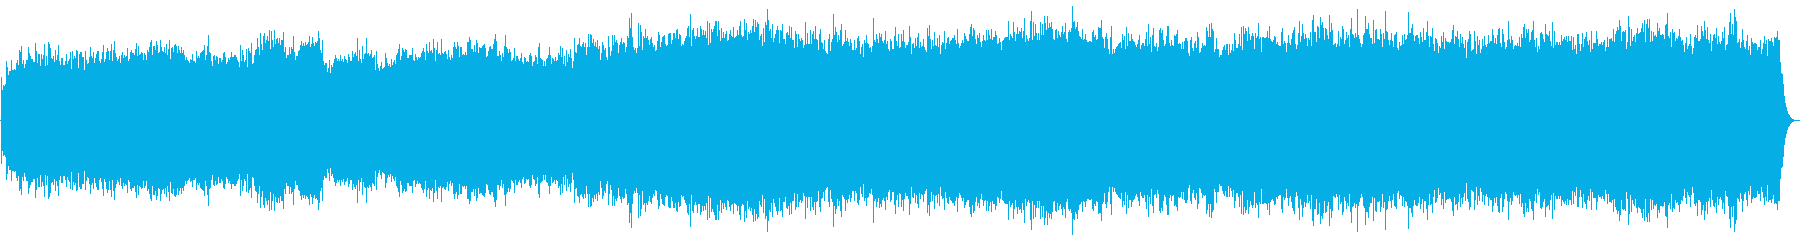 バッハのプレリュードをシンセで幻想的にの再生済みの波形